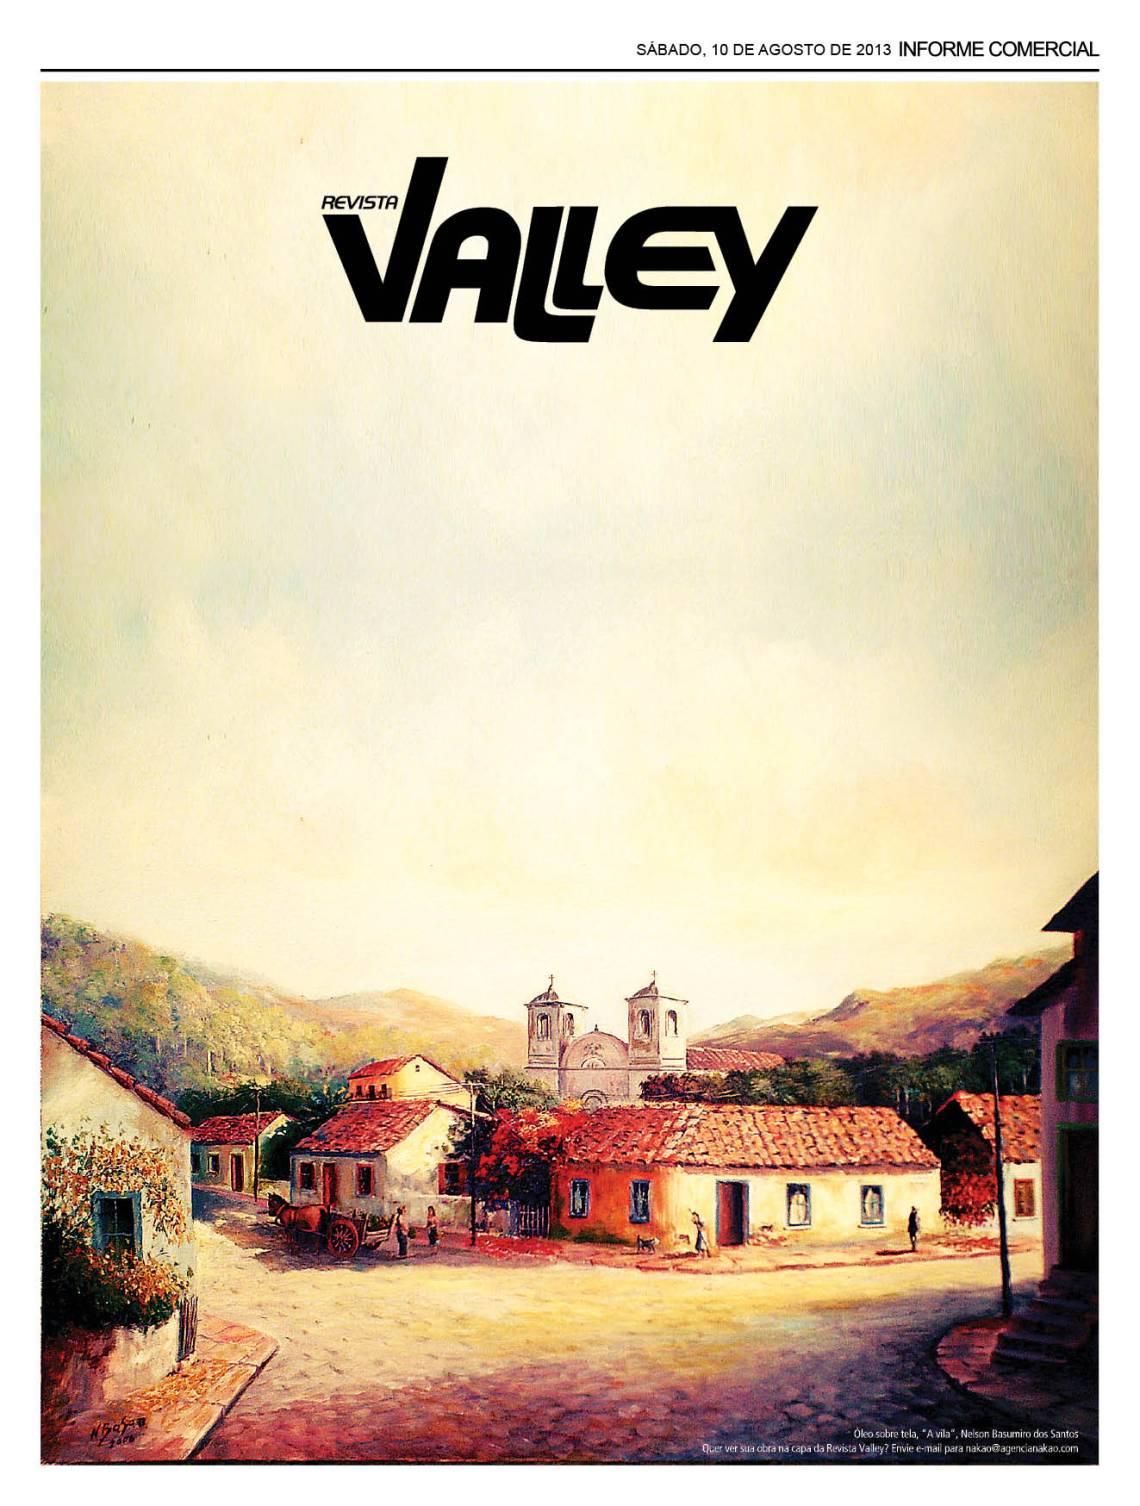 Revista Valley - Agosto/13